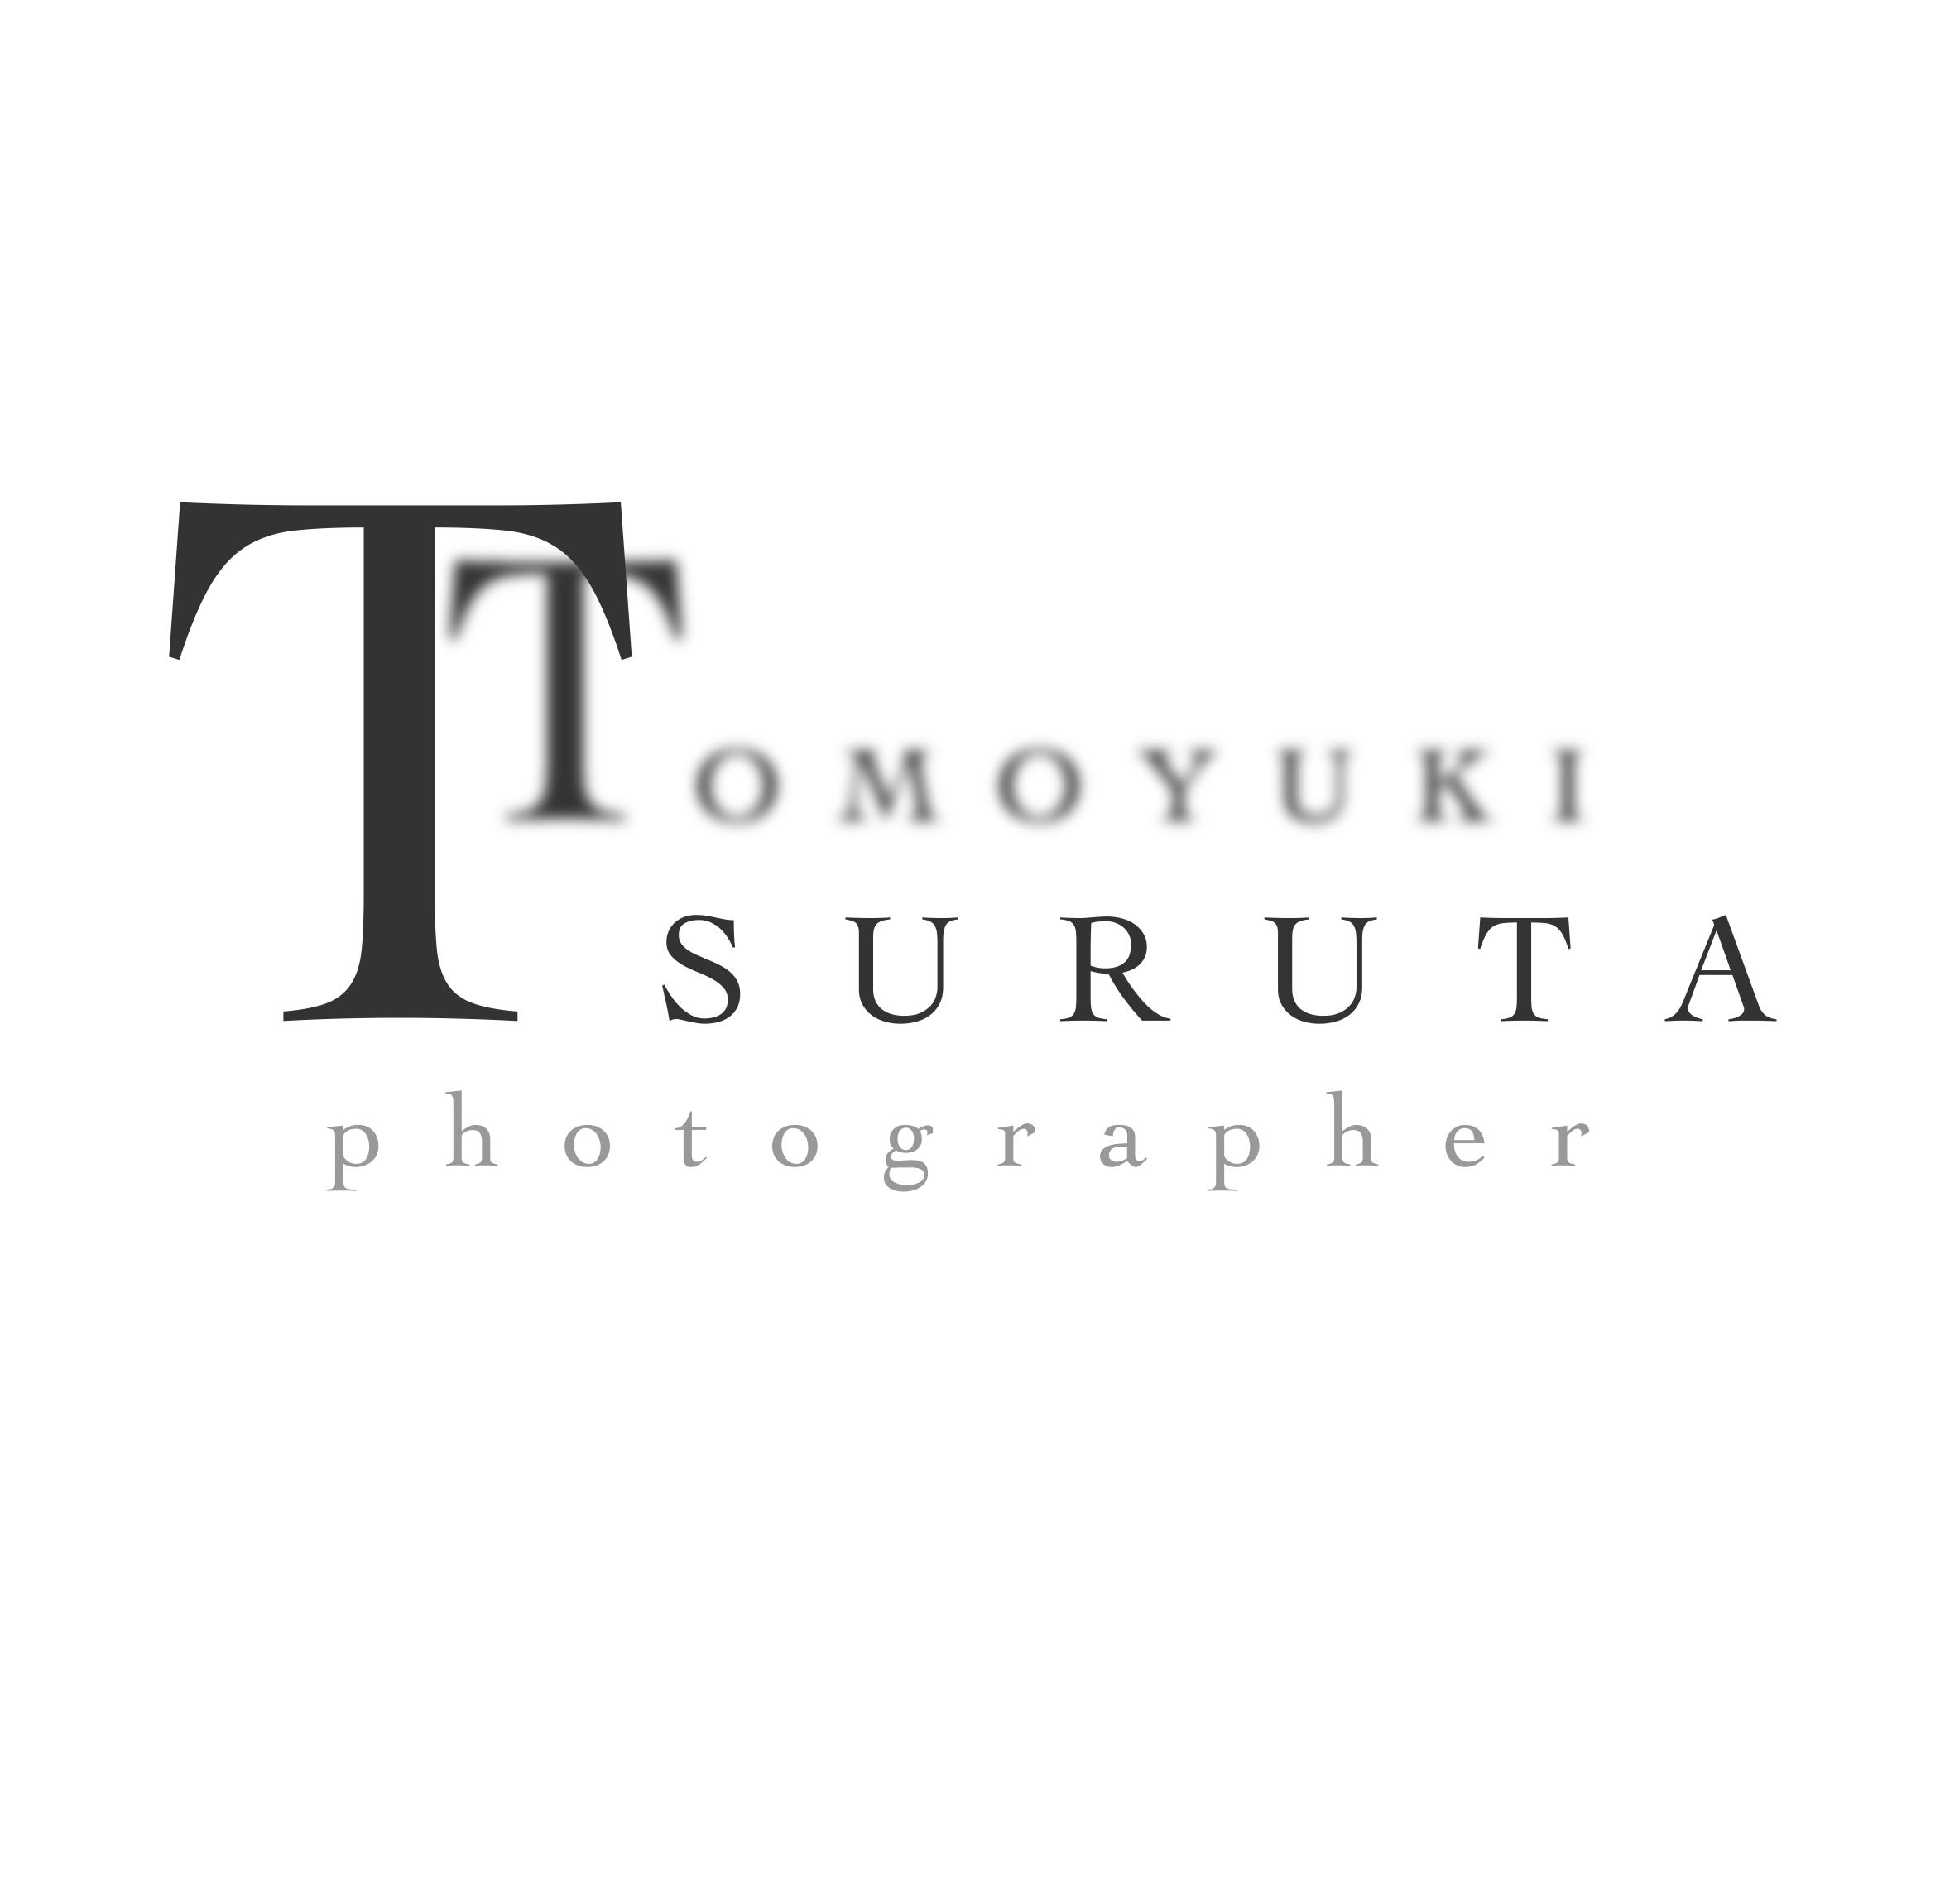 Tomoyuki Tsuruta Photographer